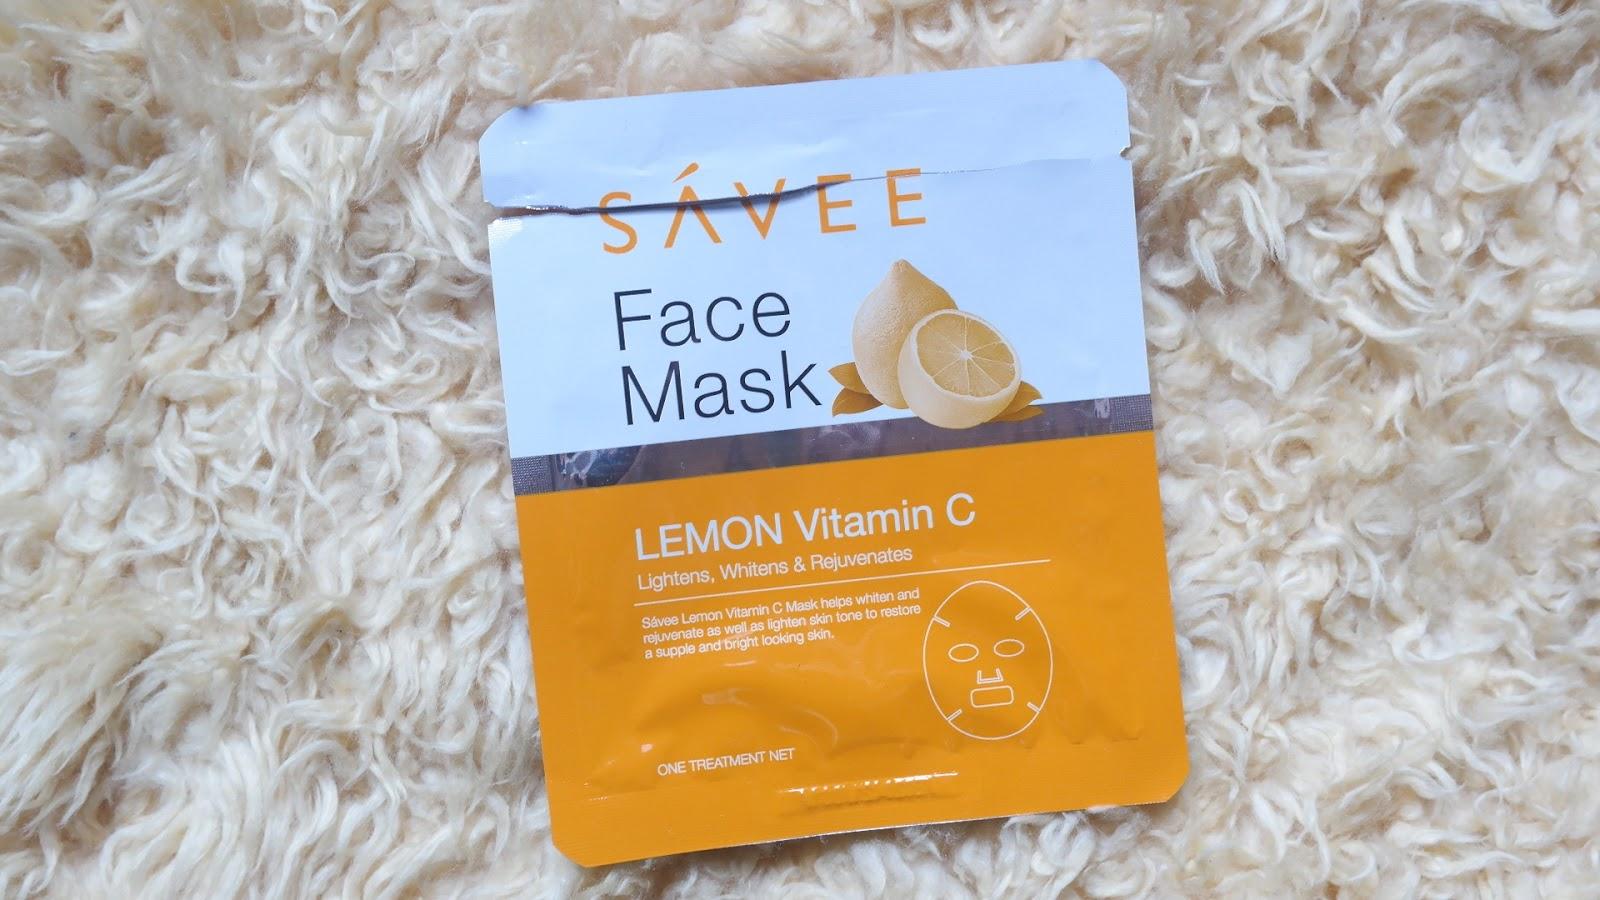 savee face mask